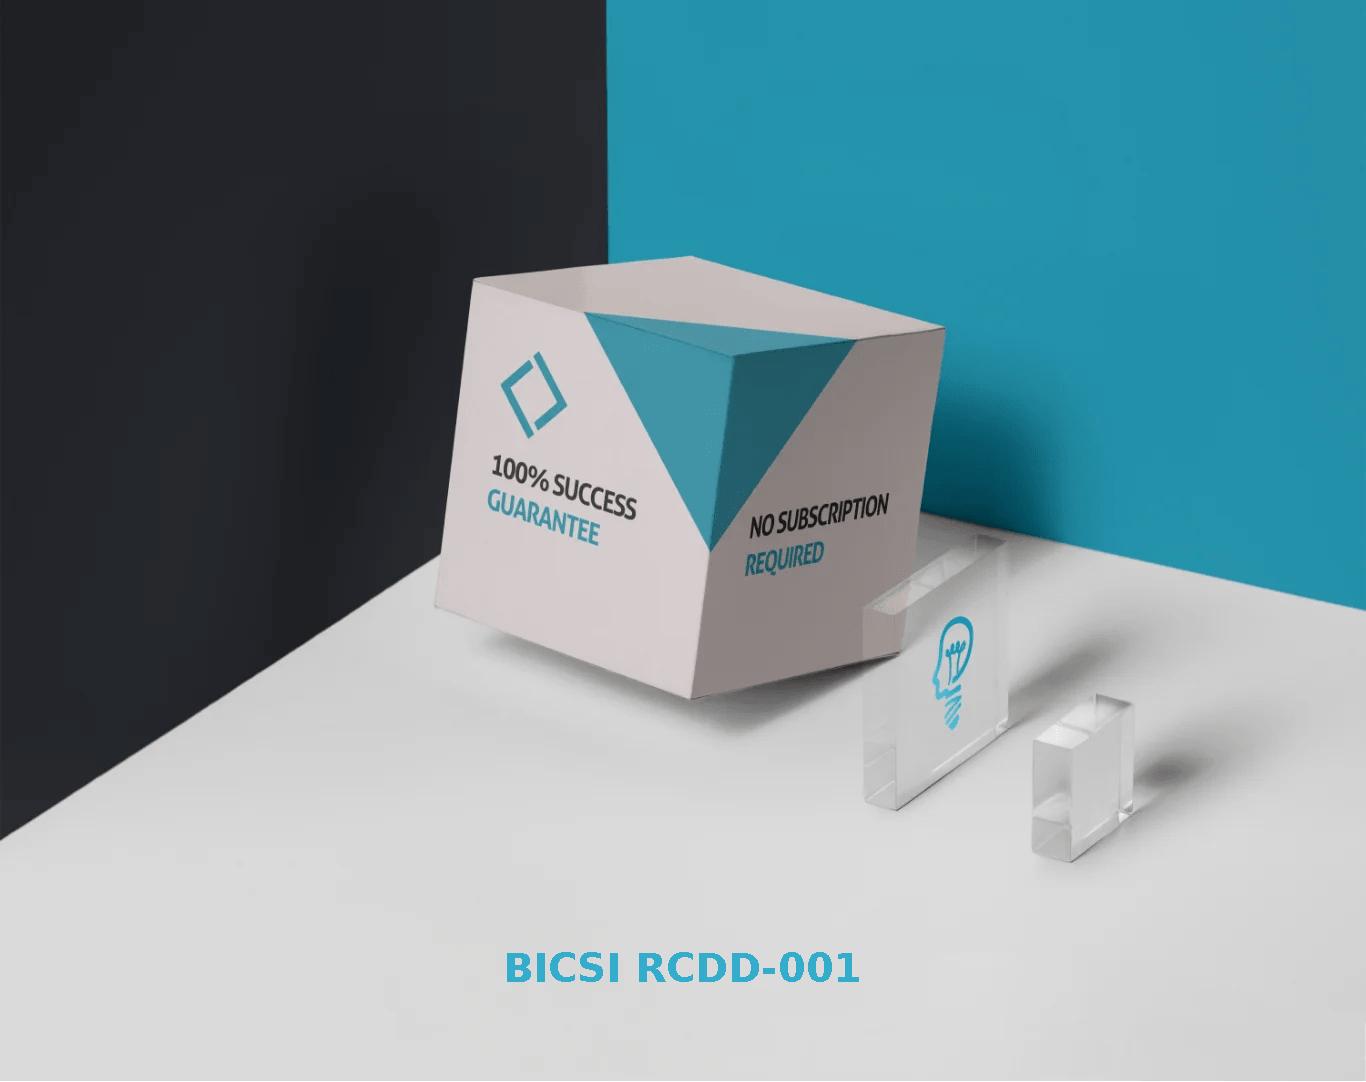 BICSI RCDD-001 Exams